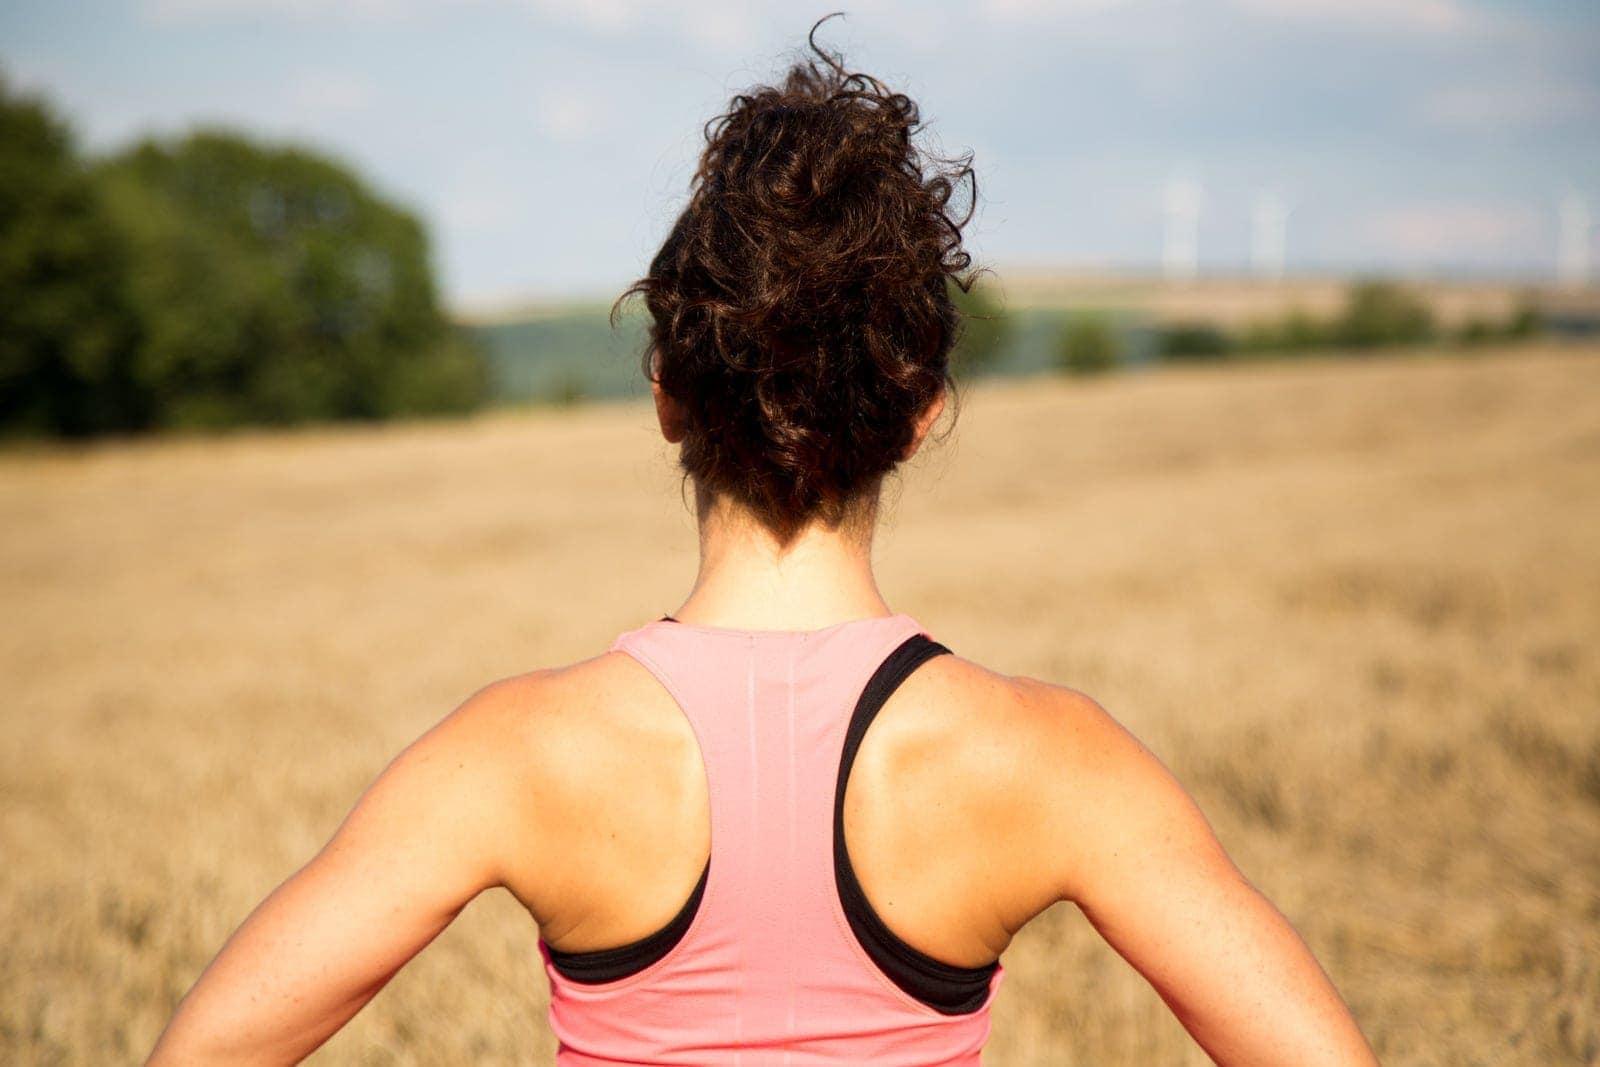 Hinteransicht einer Frau in Sportkleidung vor einem Kornfeld